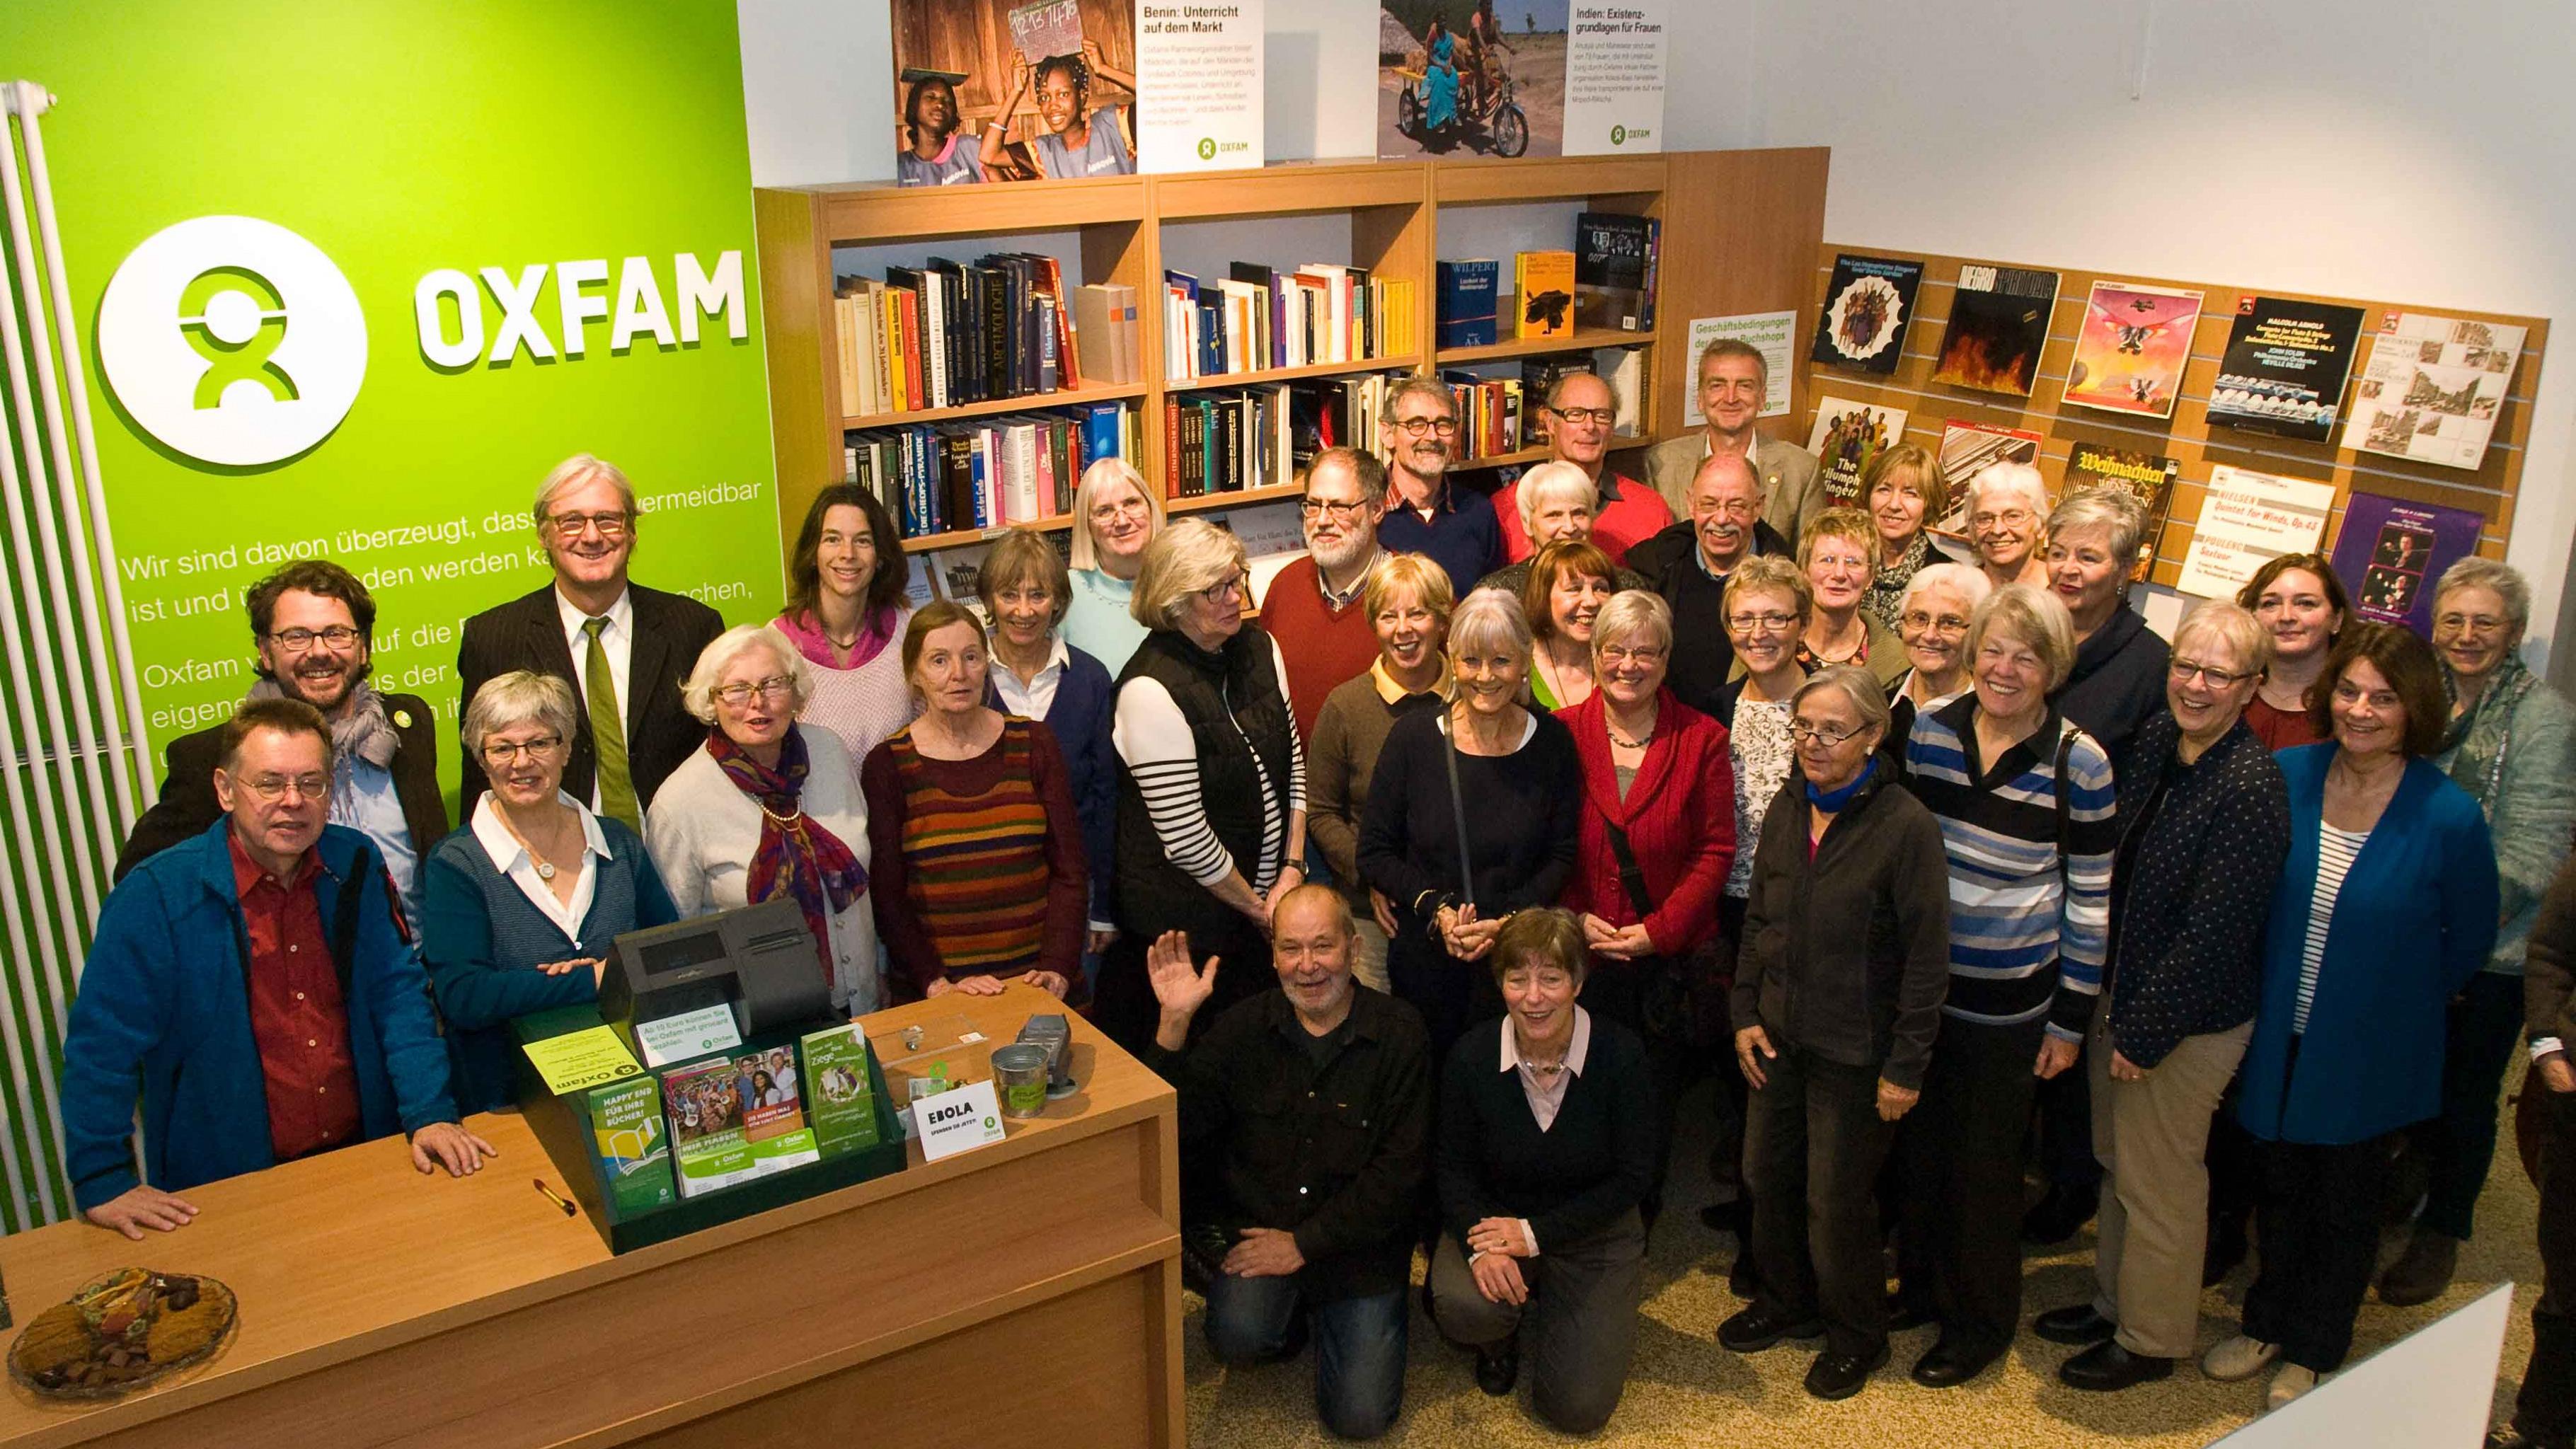 15 Jahre Oxfam Buchshop Darmstadt - Team und OB Jochen Partsch